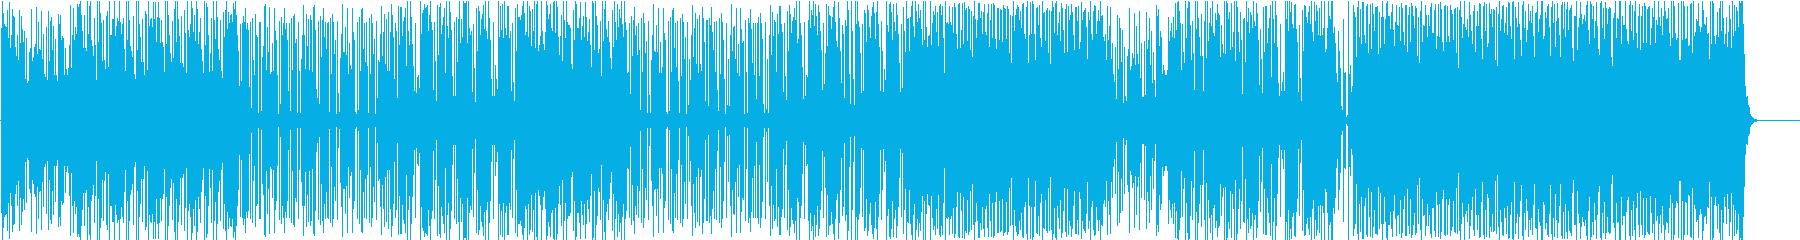 ノリの良いダークなインスト曲の再生済みの波形